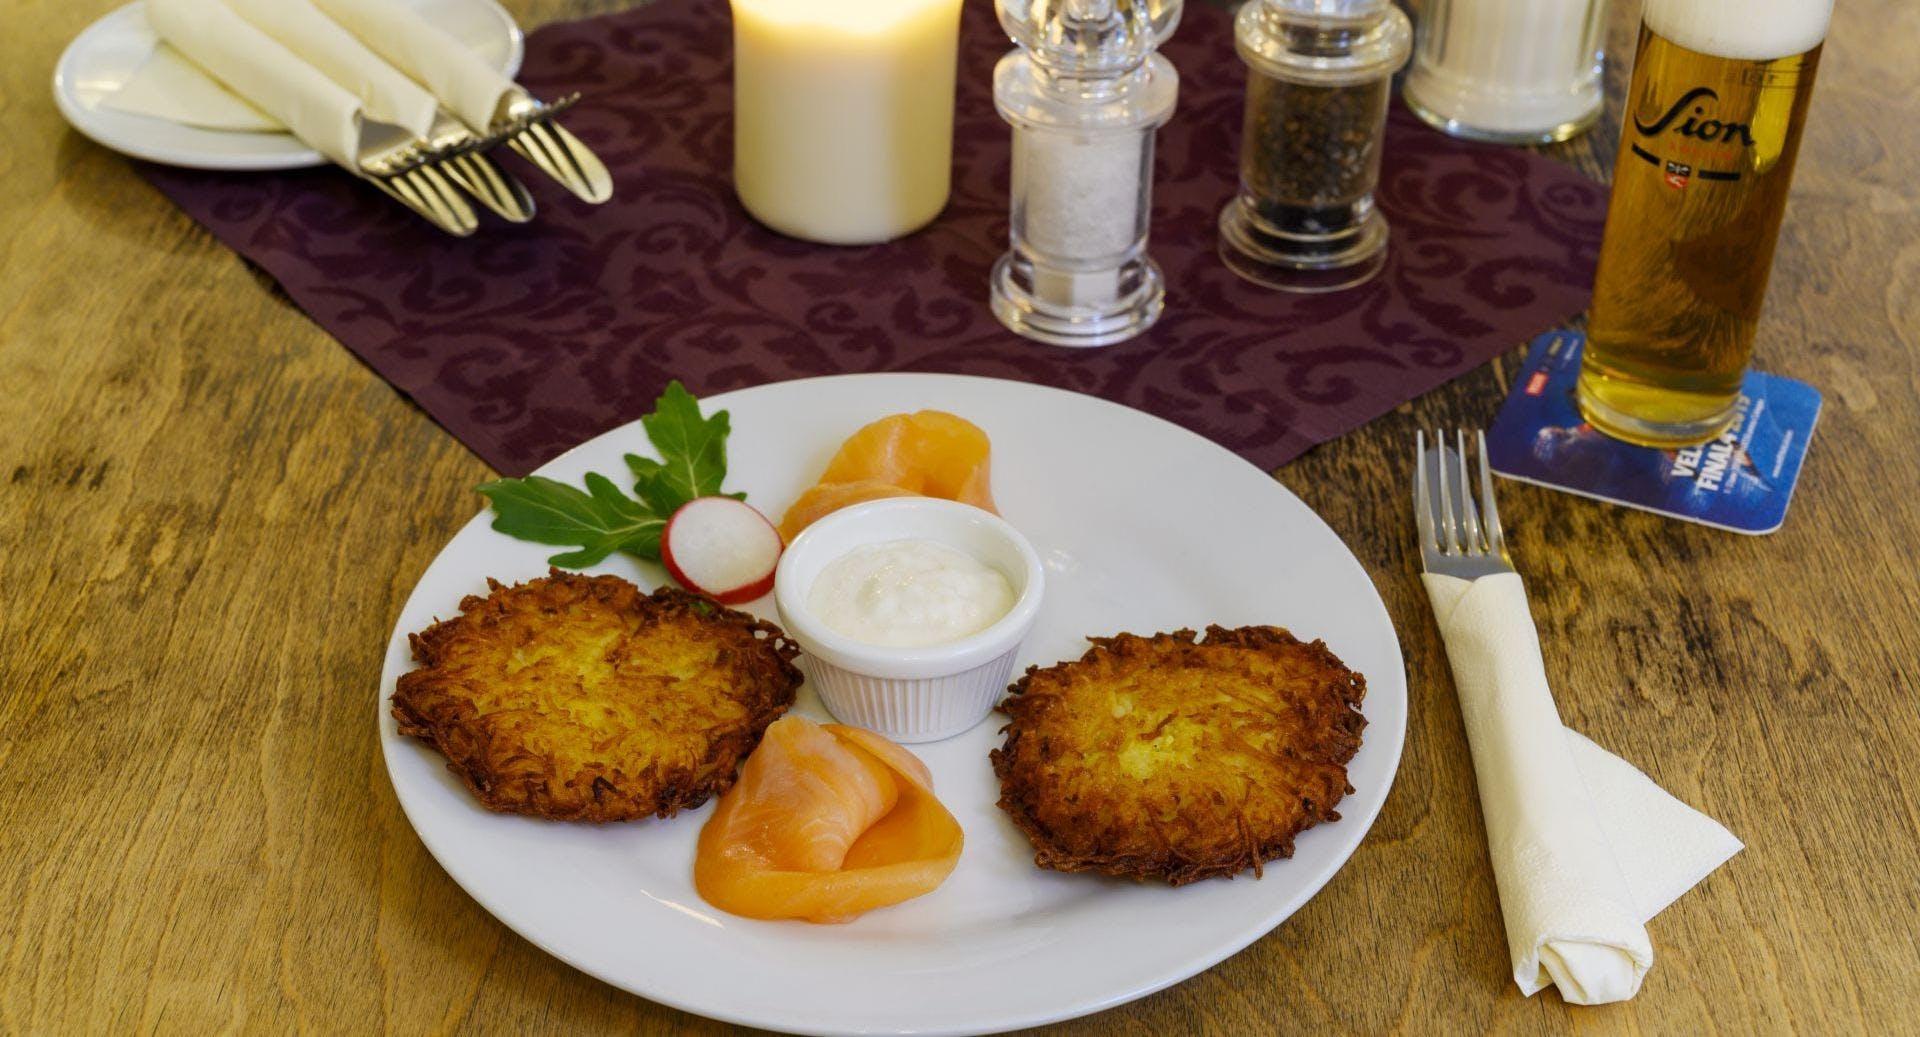 Anno Pomm Kartoffelhaus Im Brenner'schen Hof Köln image 3